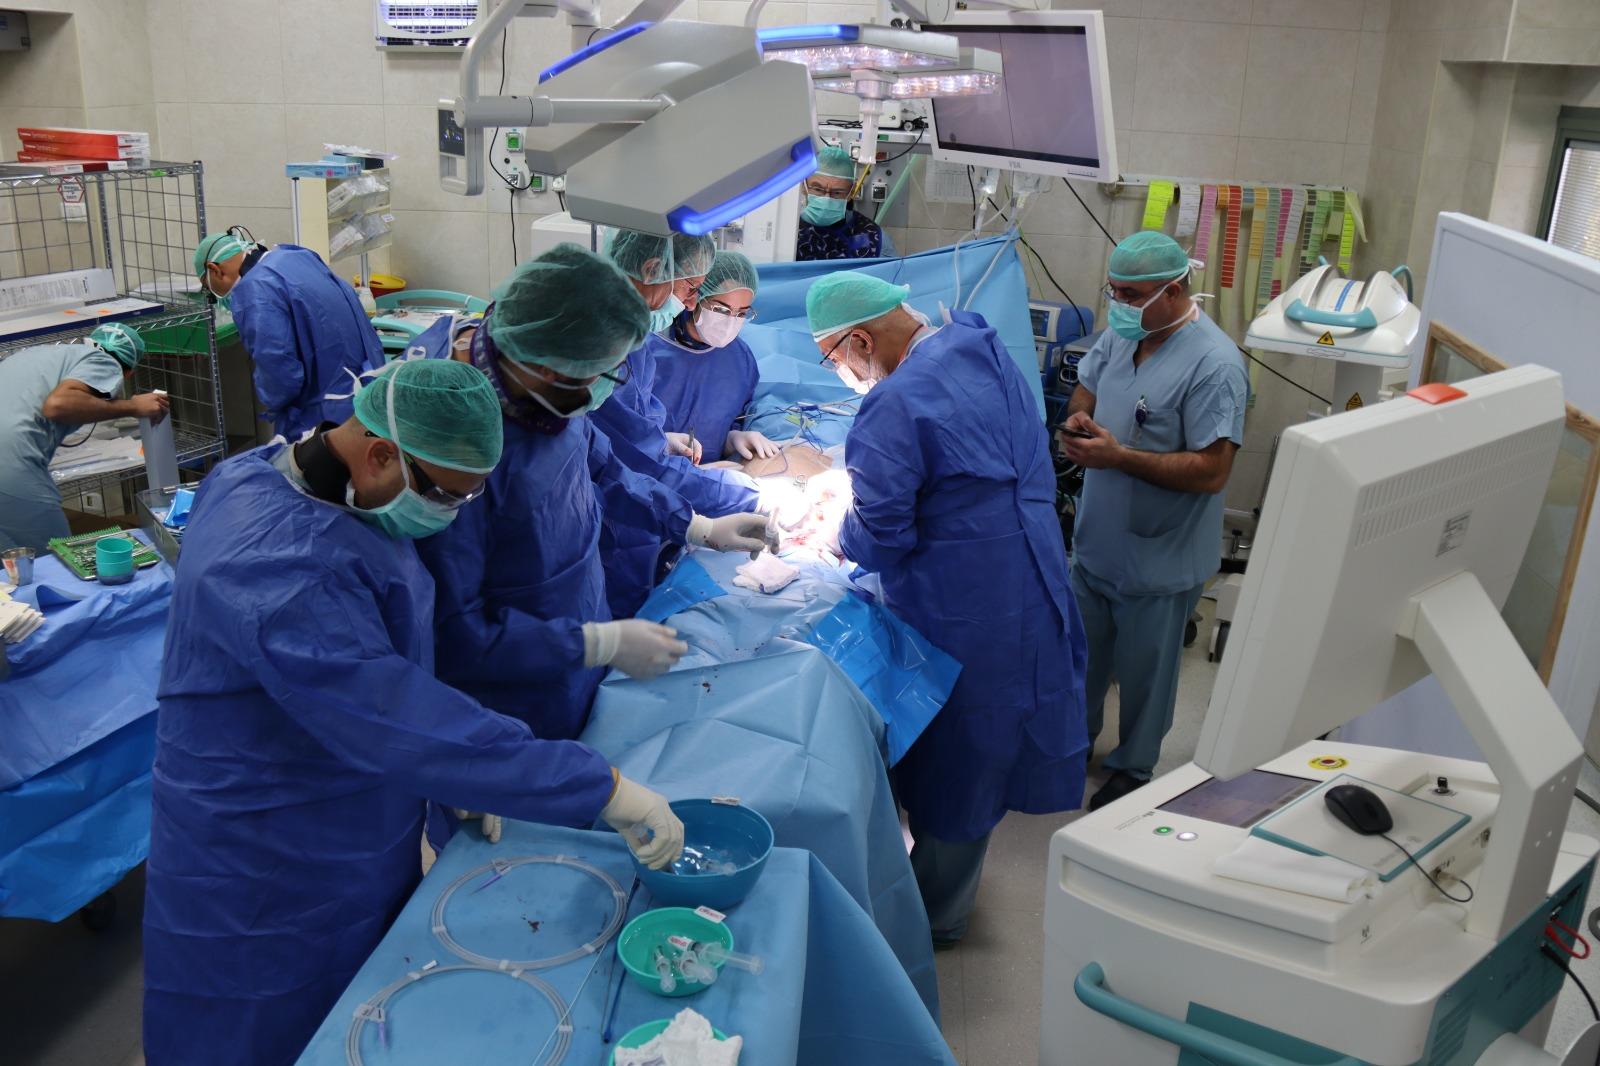 """לראשונה אחרי 10 שנים במרכז הרפואי """"זיו"""": ניתוח לתיקון מפרצת אבי העורקים באמצעות צנתור"""